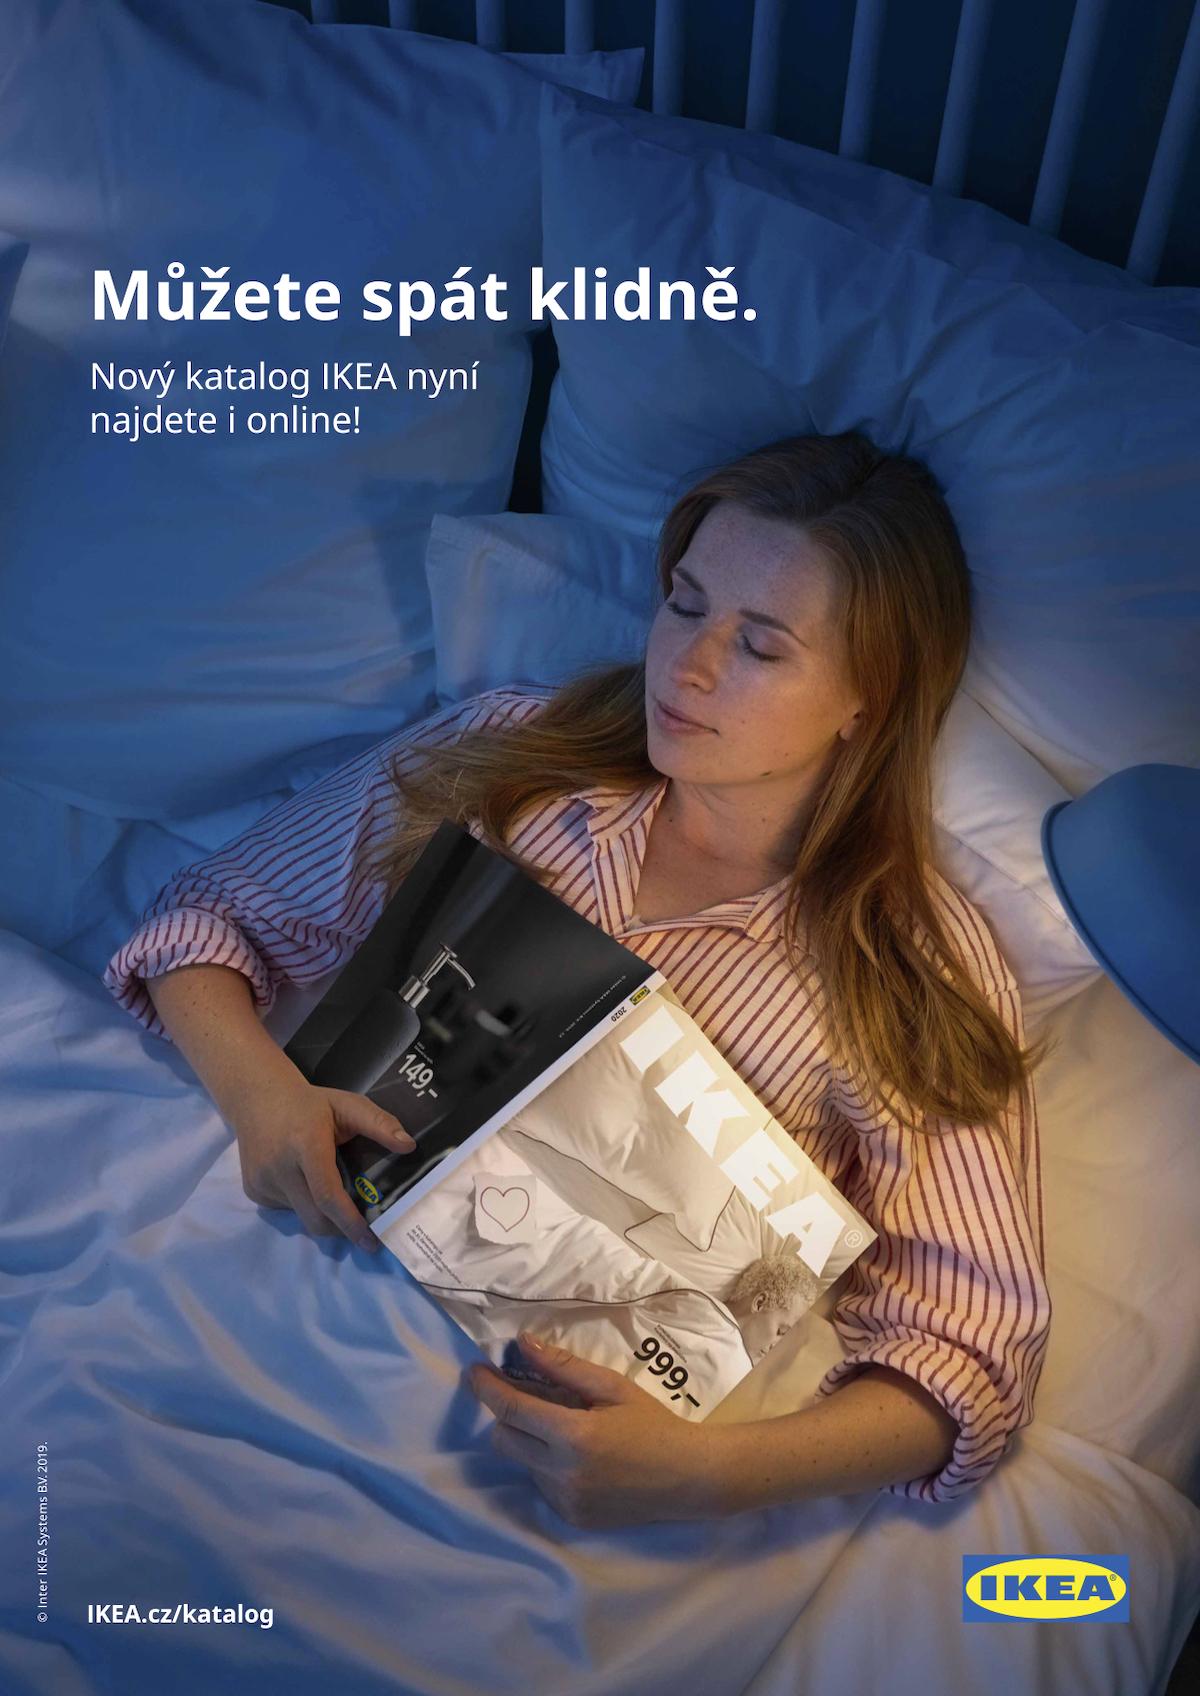 Ikea: Spánkoví hrdinové (Triad Advertising)